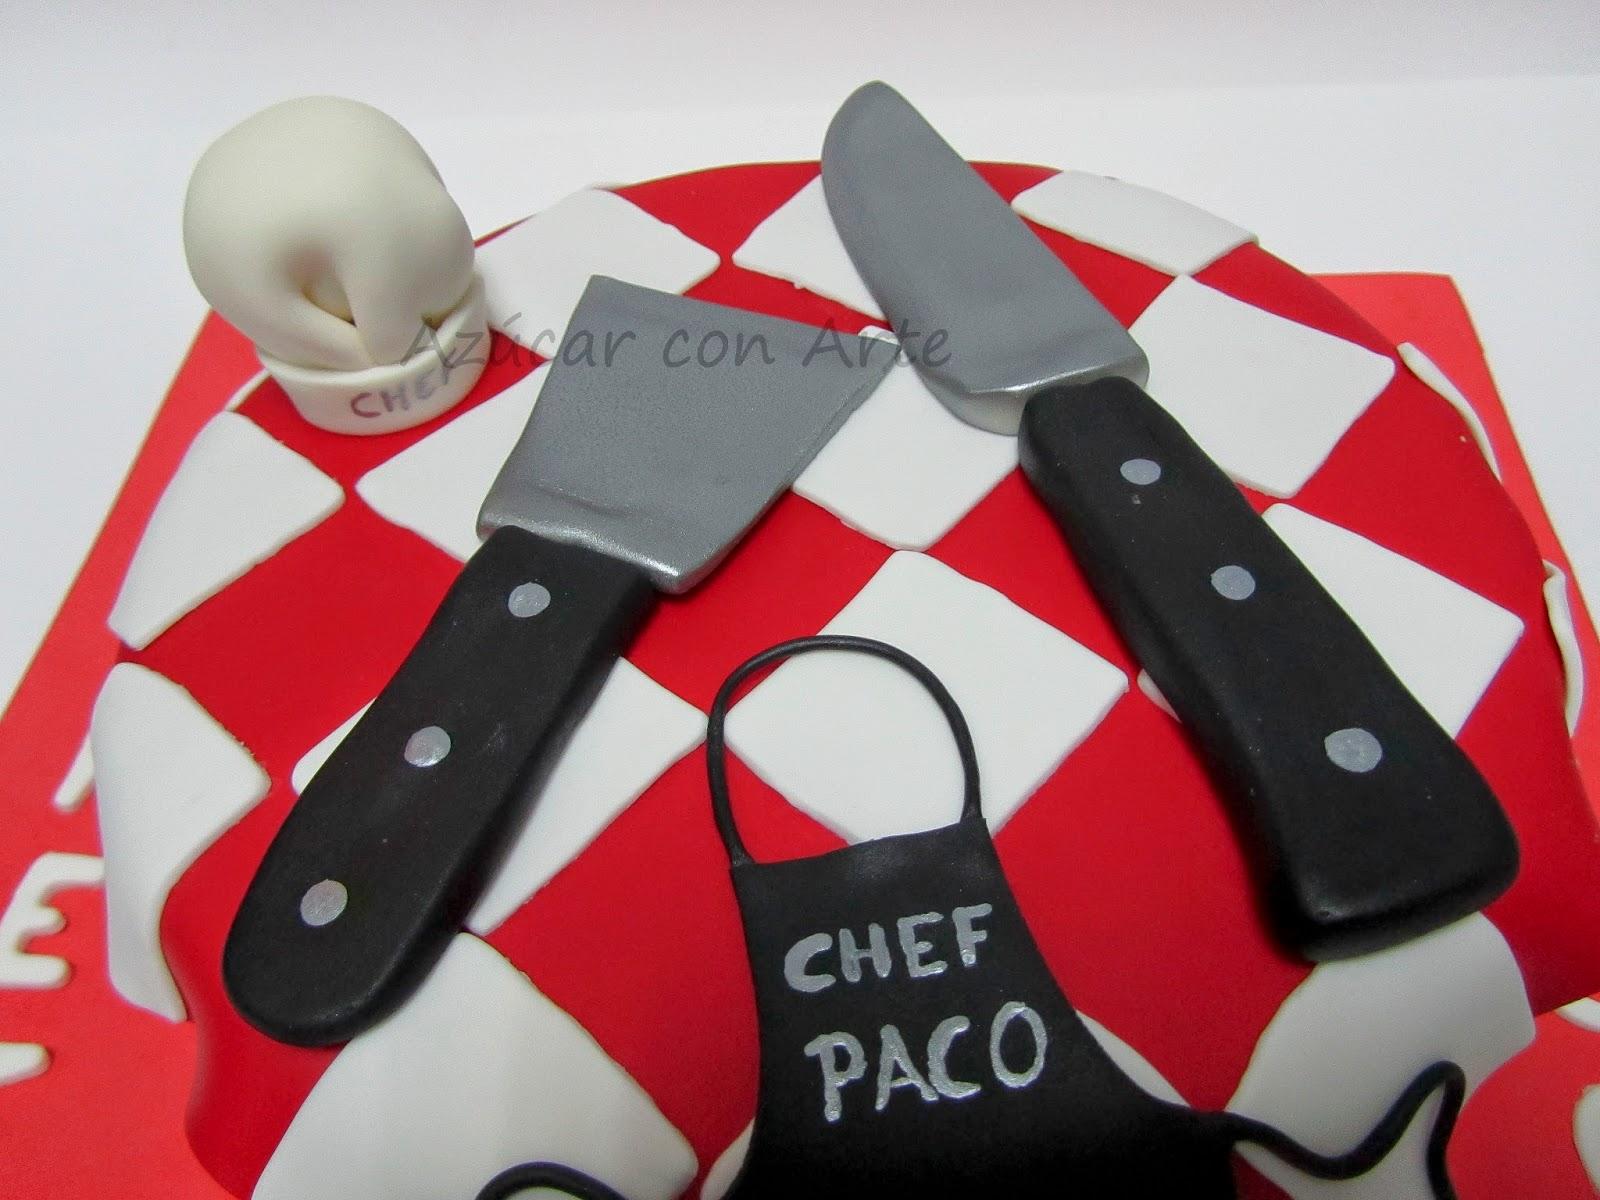 chef cake | azúcar con arte